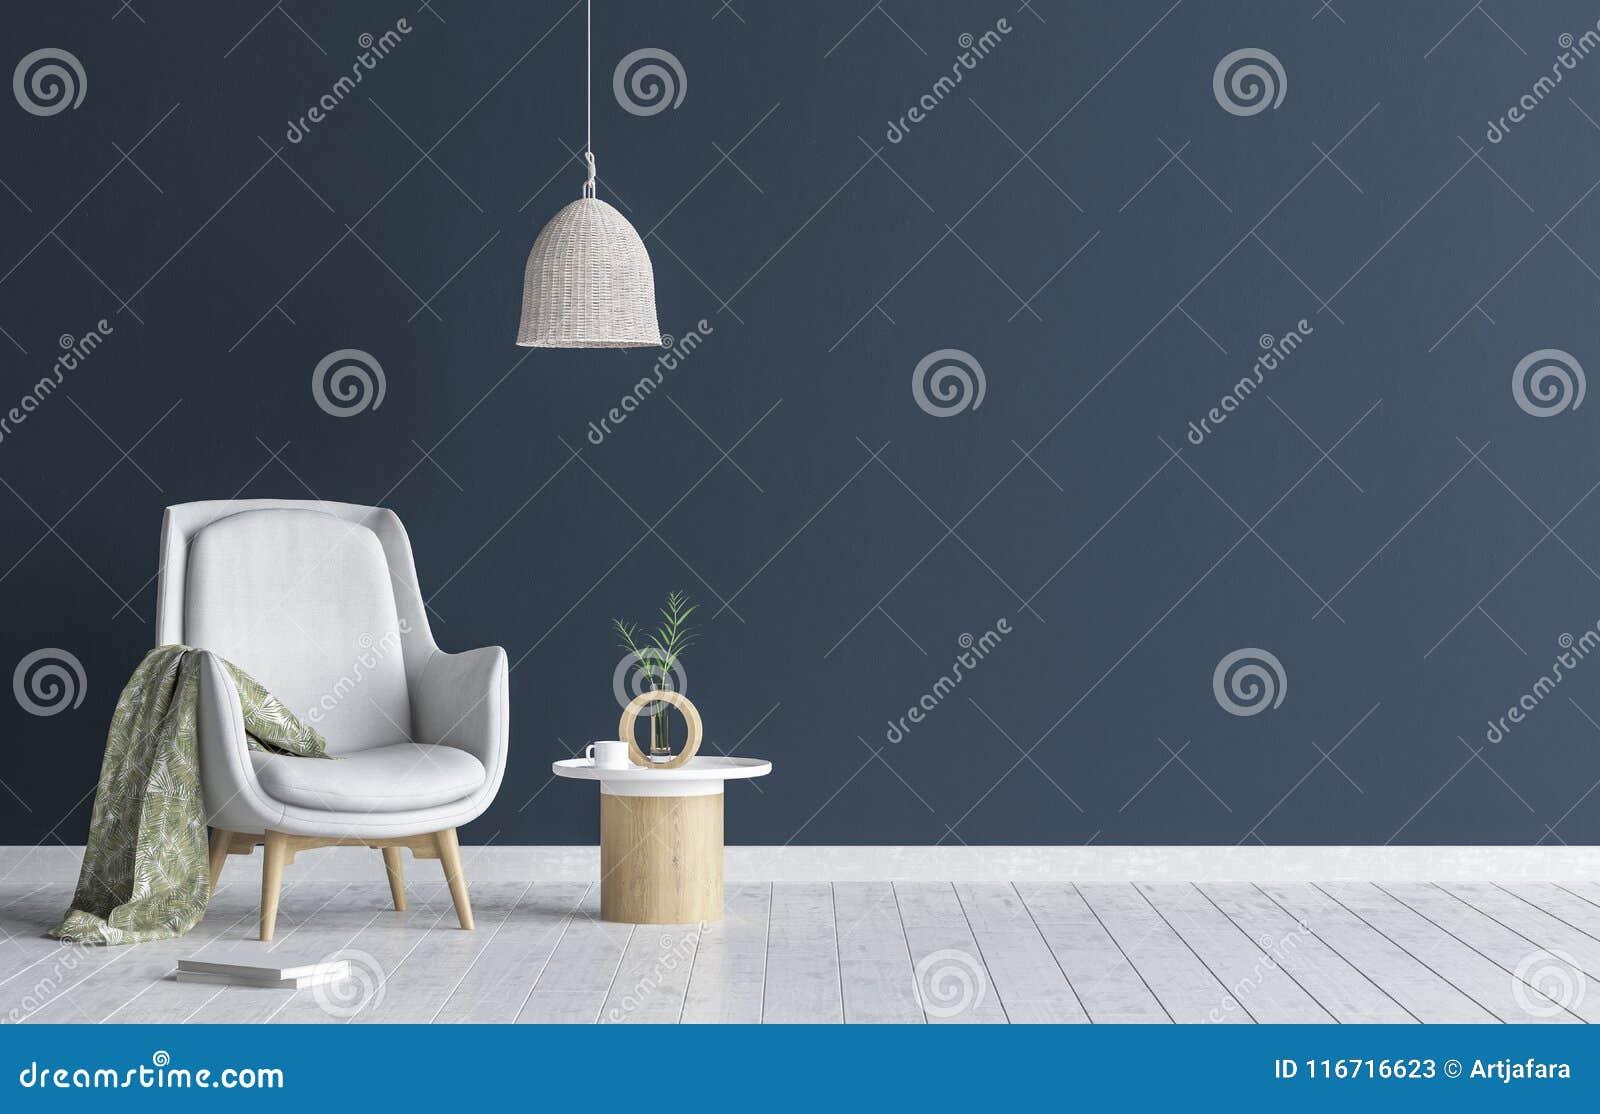 Krzesło z lampą i stolik do kawy w żywym izbowym wnętrzu, zmrok - błękit ściany egzamin próbny w górę tła